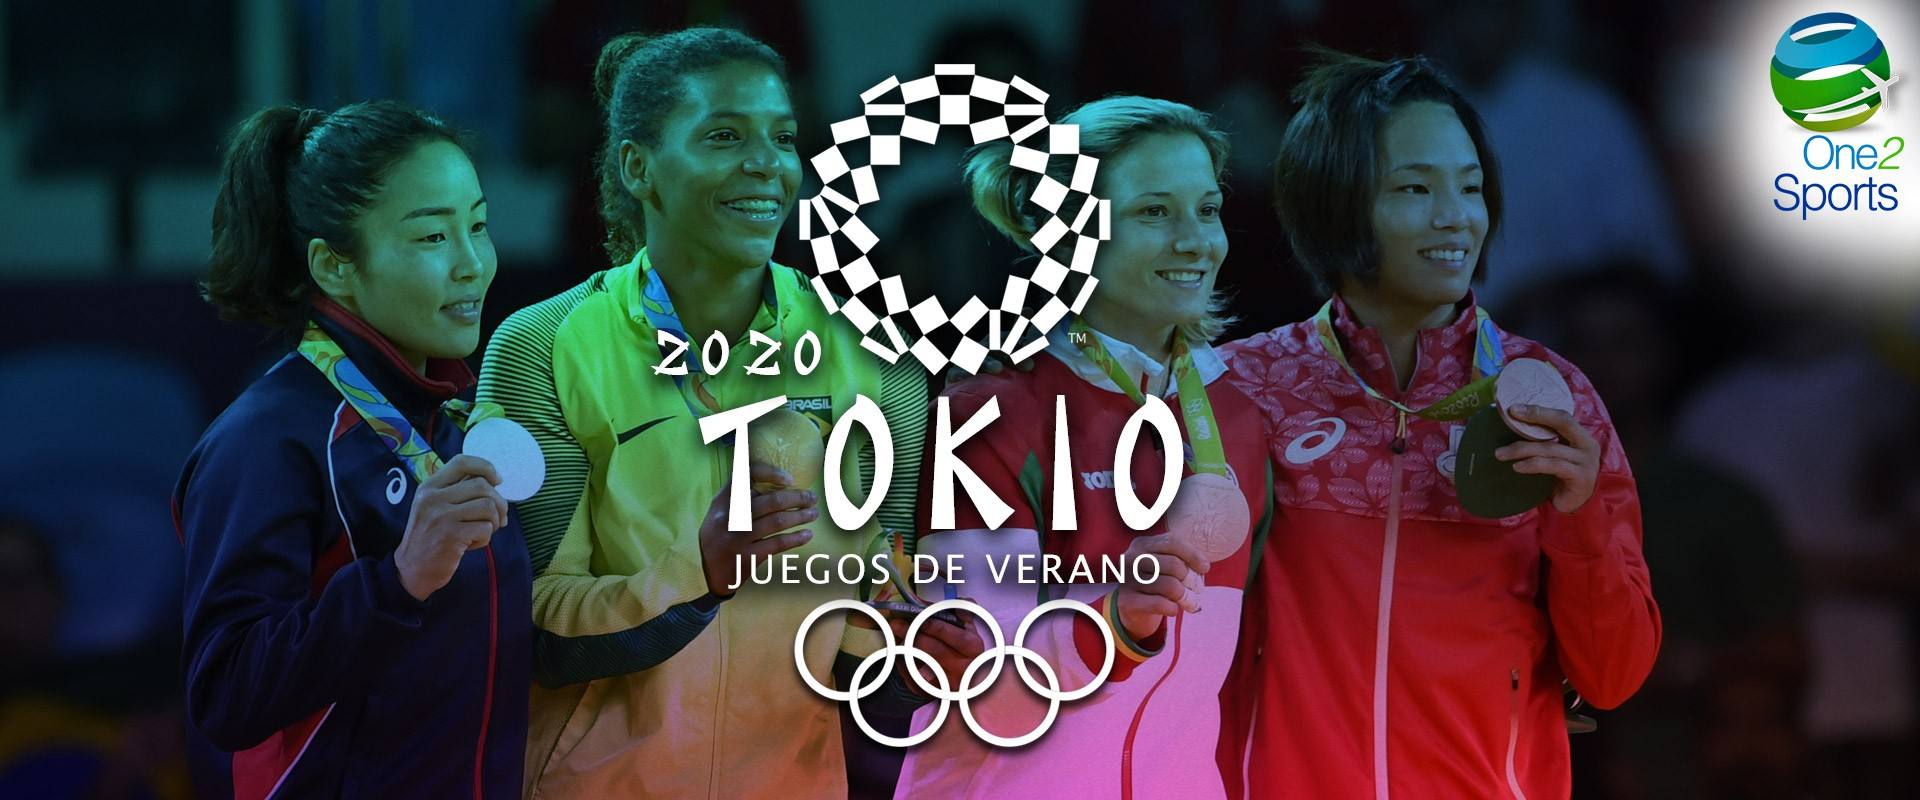 Juegos de verano, Tokio 2020